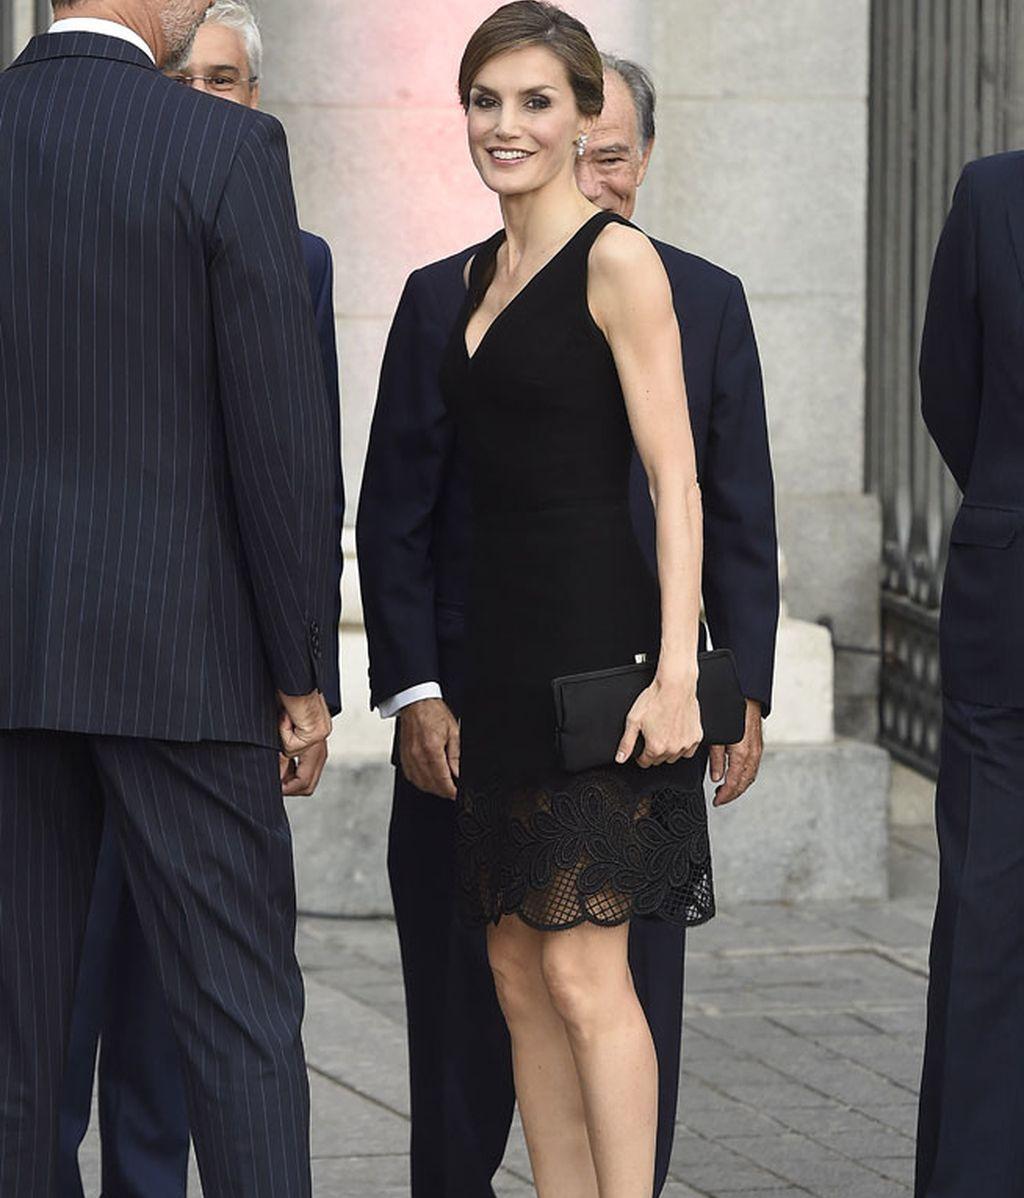 La Reina eligió un 'total look' en negro con zapatos de charol